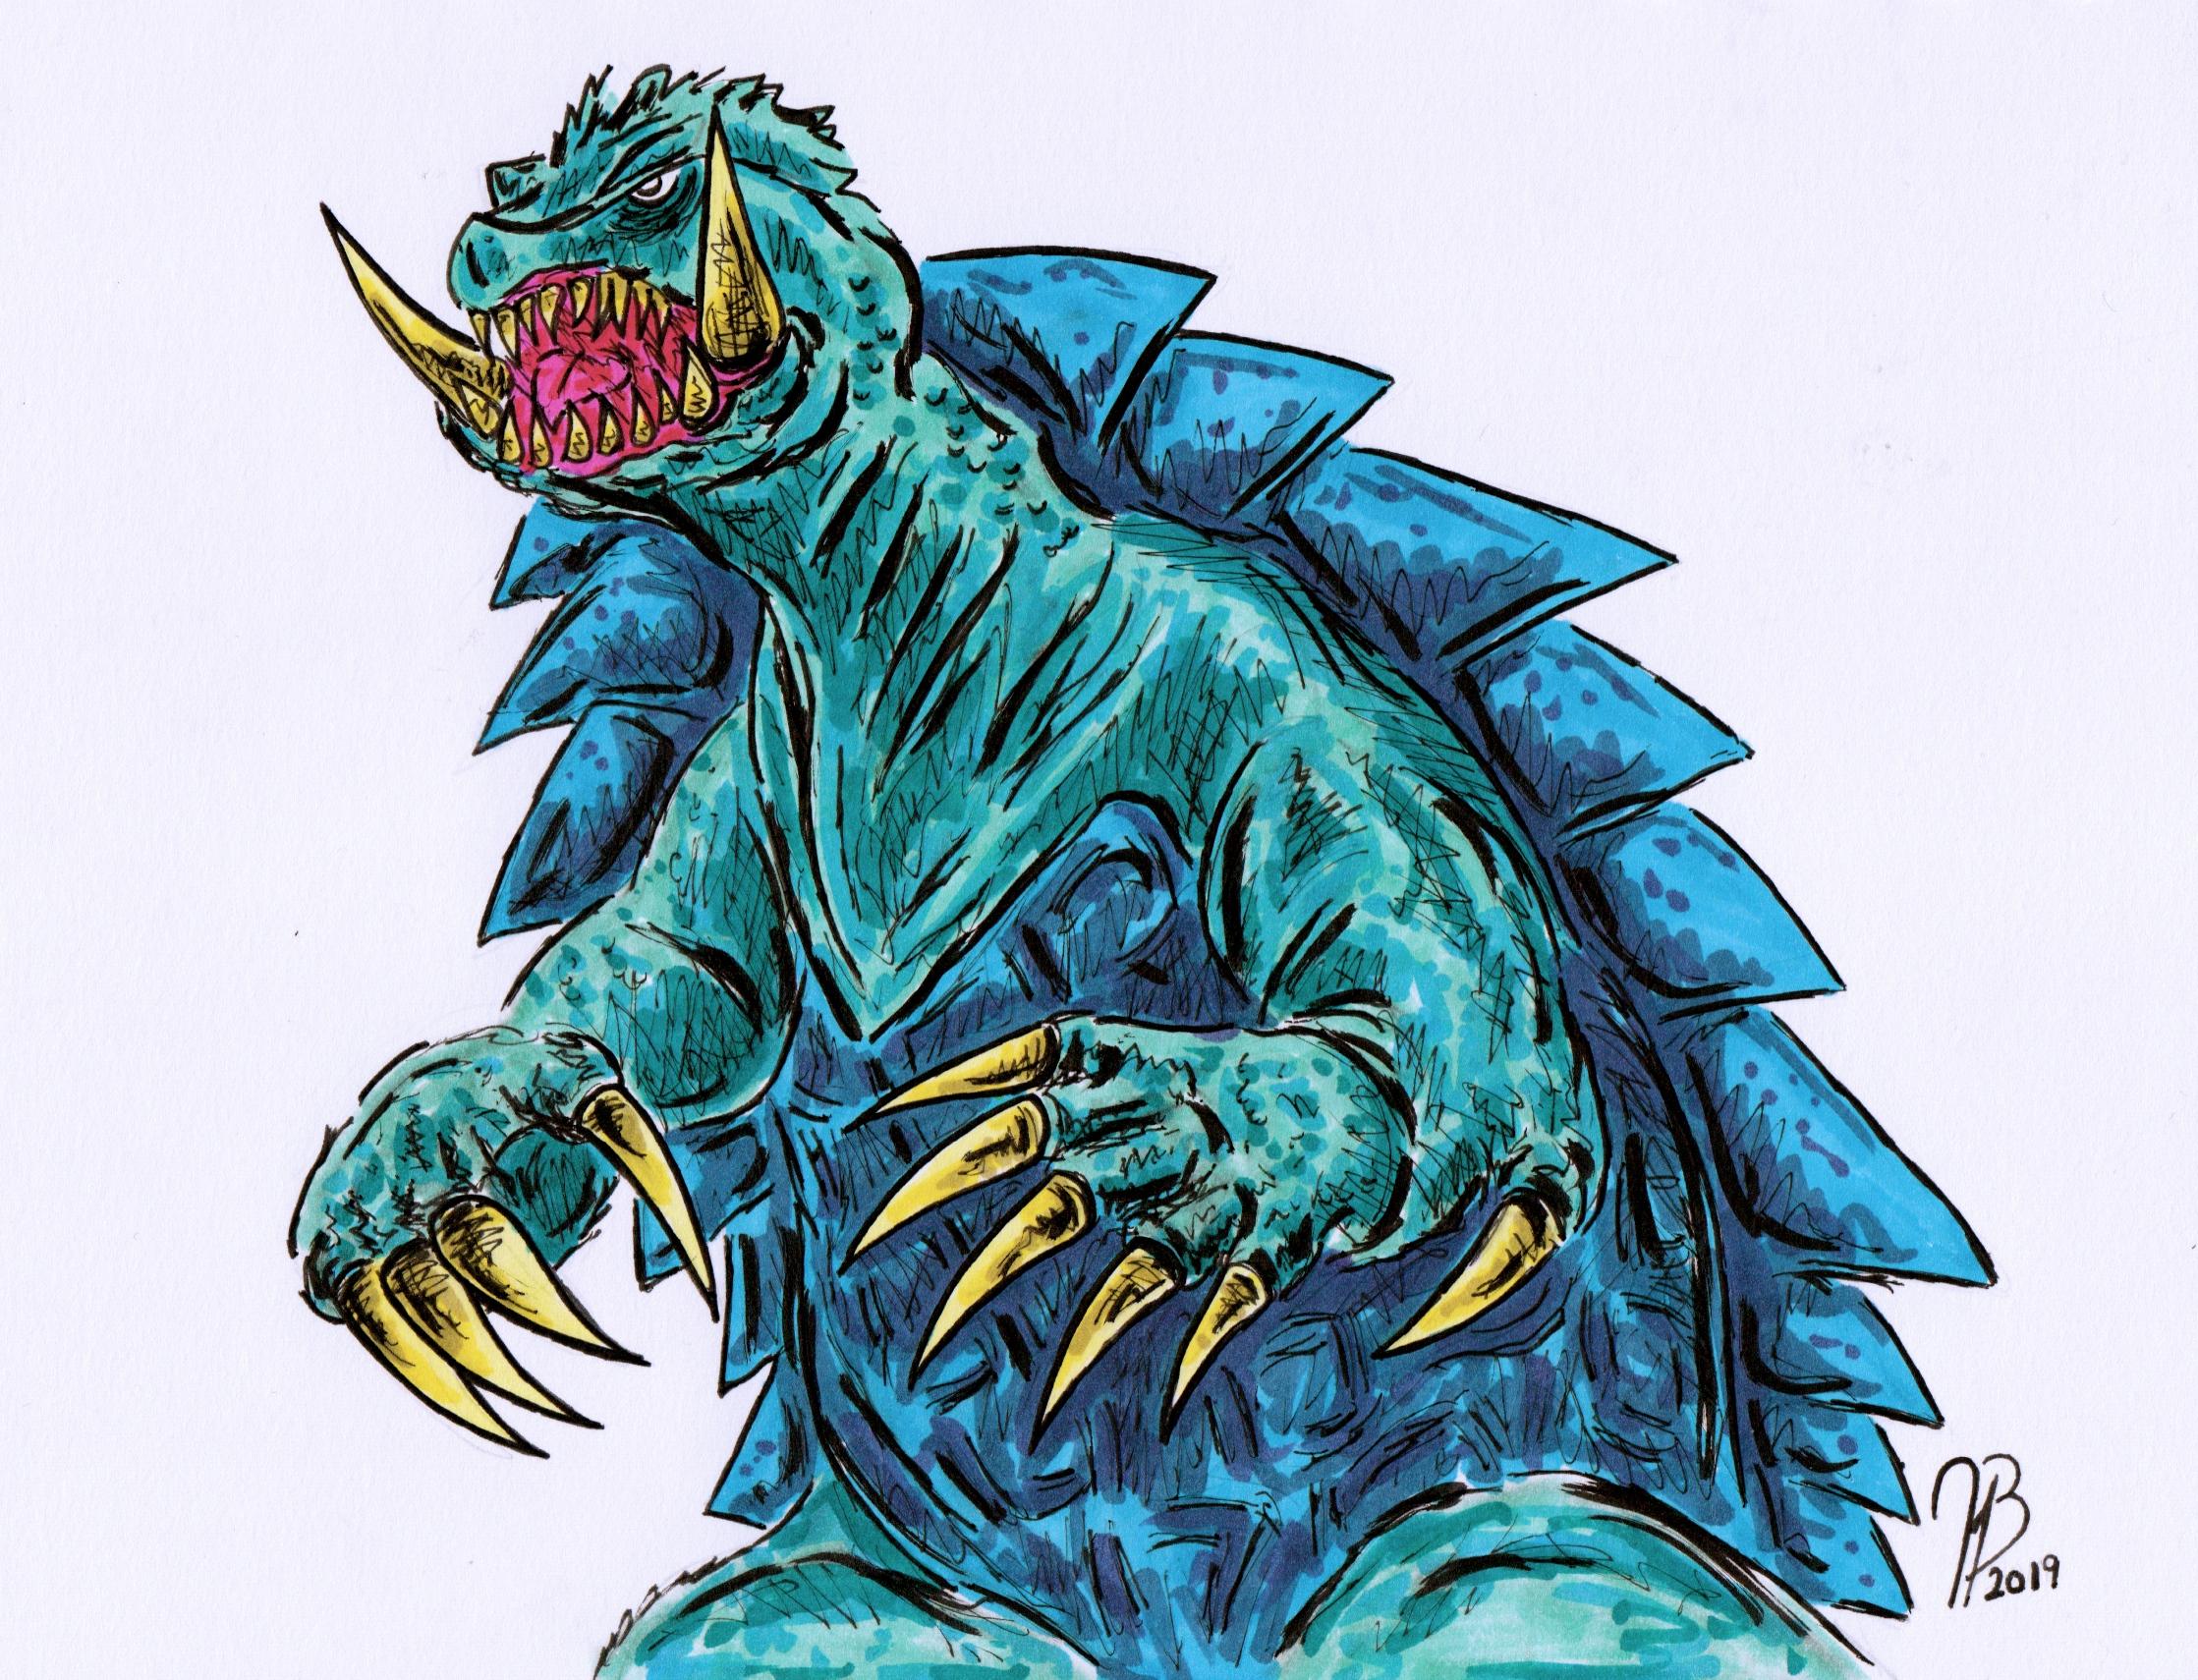 The Super Monster